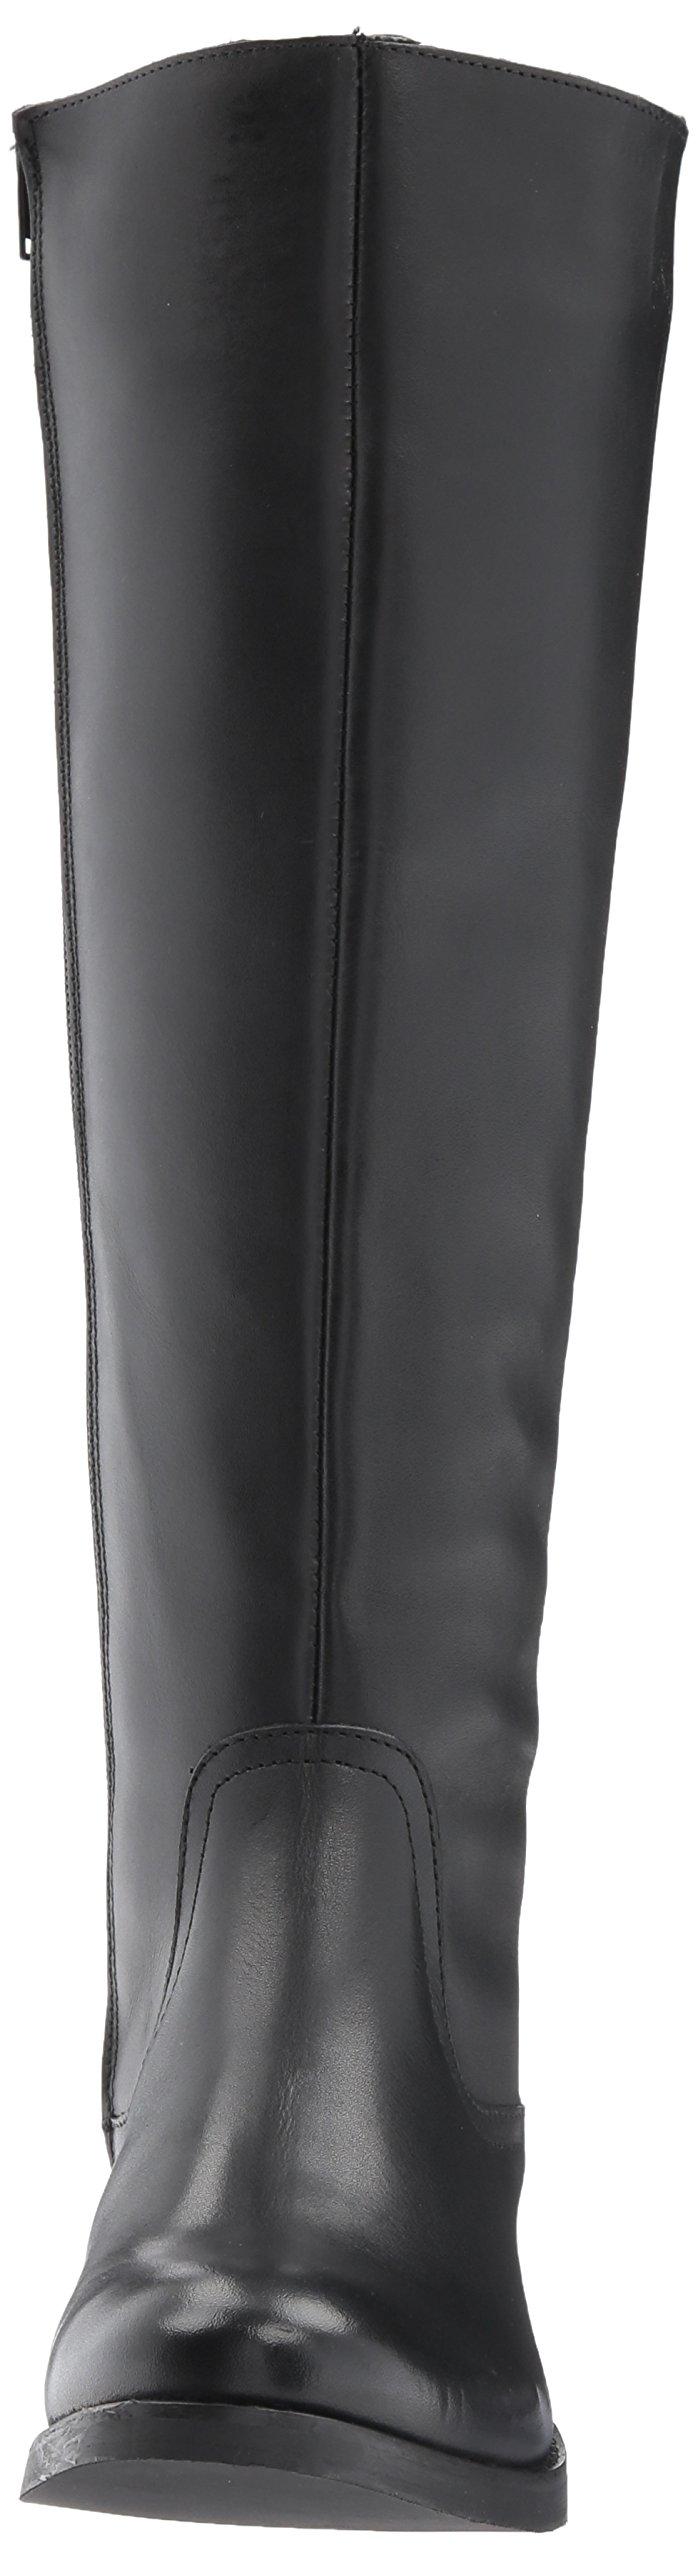 Steve Madden Women's Lover Western Boot, Black Leather, 8.5 M US by Steve Madden (Image #4)